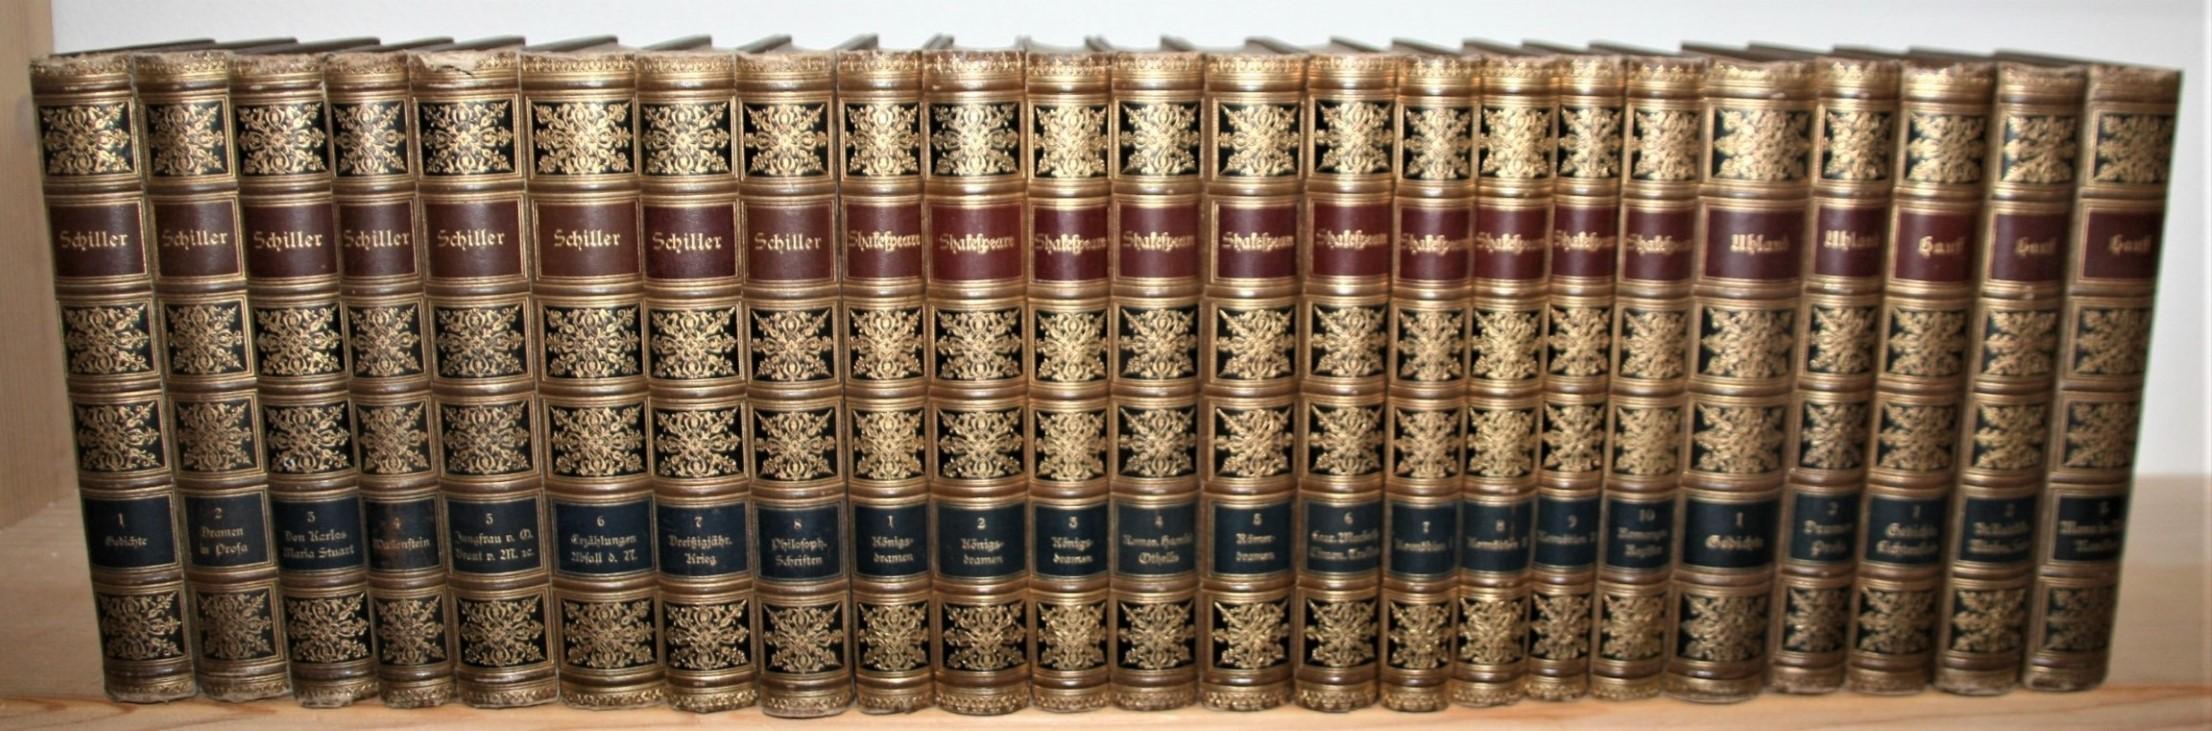 23 Bände Meyers Klassiker-Ausgaben: Shakespeares Dramatische Werke: Shakespeare, William, Friedrich